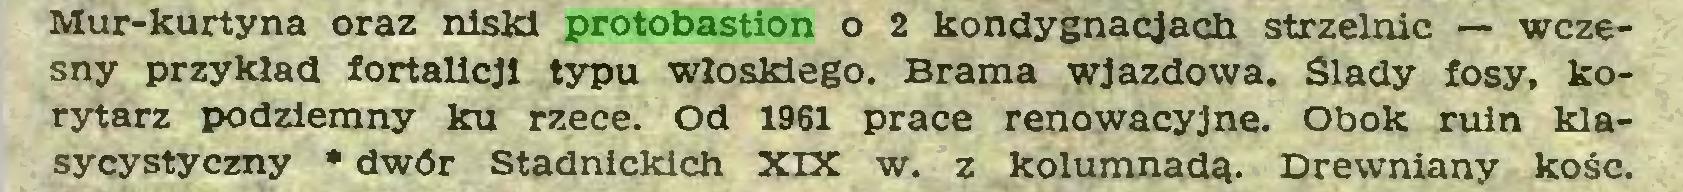 (...) Mur-kurtyna oraz niski protobastion o 2 kondygnacjach strzelnic — wczesny przykład fortalicji typu włoskiego. Brama wjazdowa. Siady fosy, korytarz podziemny ku rzece. Od 1961 prace renowacyjne. Obok ruin klasycystyczny • dwór Stadnickich XIX w. z kolumnadą. Drewniany kość...